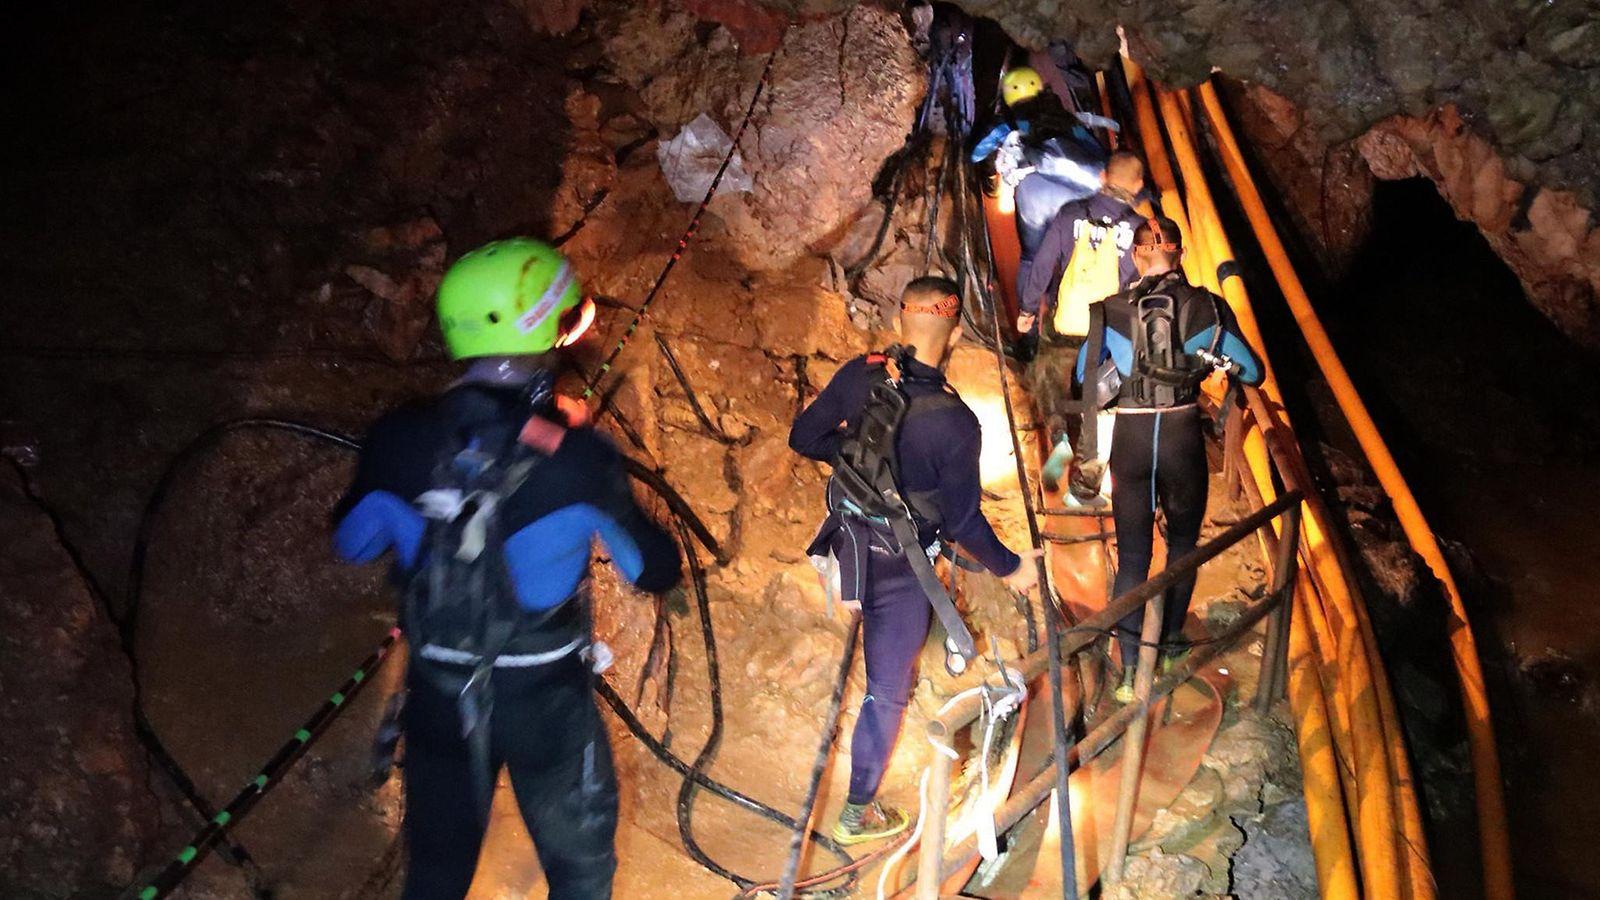 Ainakin neljä poikaa on pelastettu Tham Luangin luolasta – parhaassa  kunnossa olevat pojat tuodaan ulos ensimmäisinä - MTVuutiset.fi ef612f4887